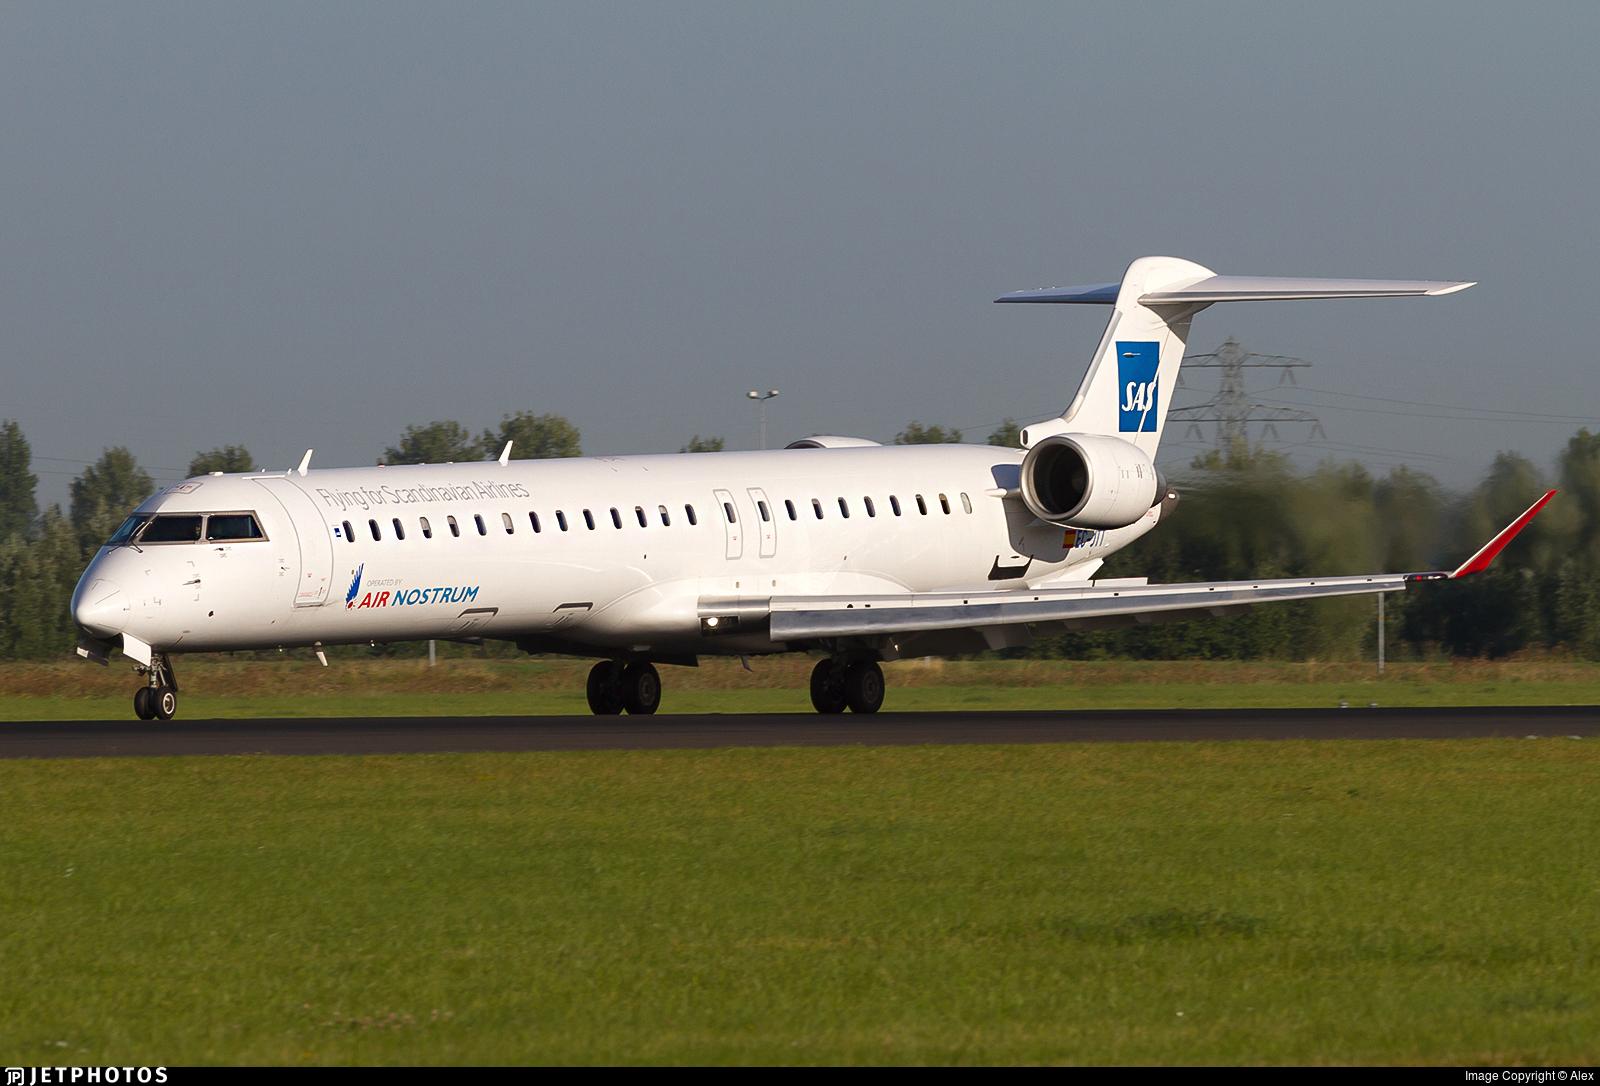 EC-JTT - Bombardier CRJ-900ER - Scandinavian Airlines (SAS) (Air Nostrum)